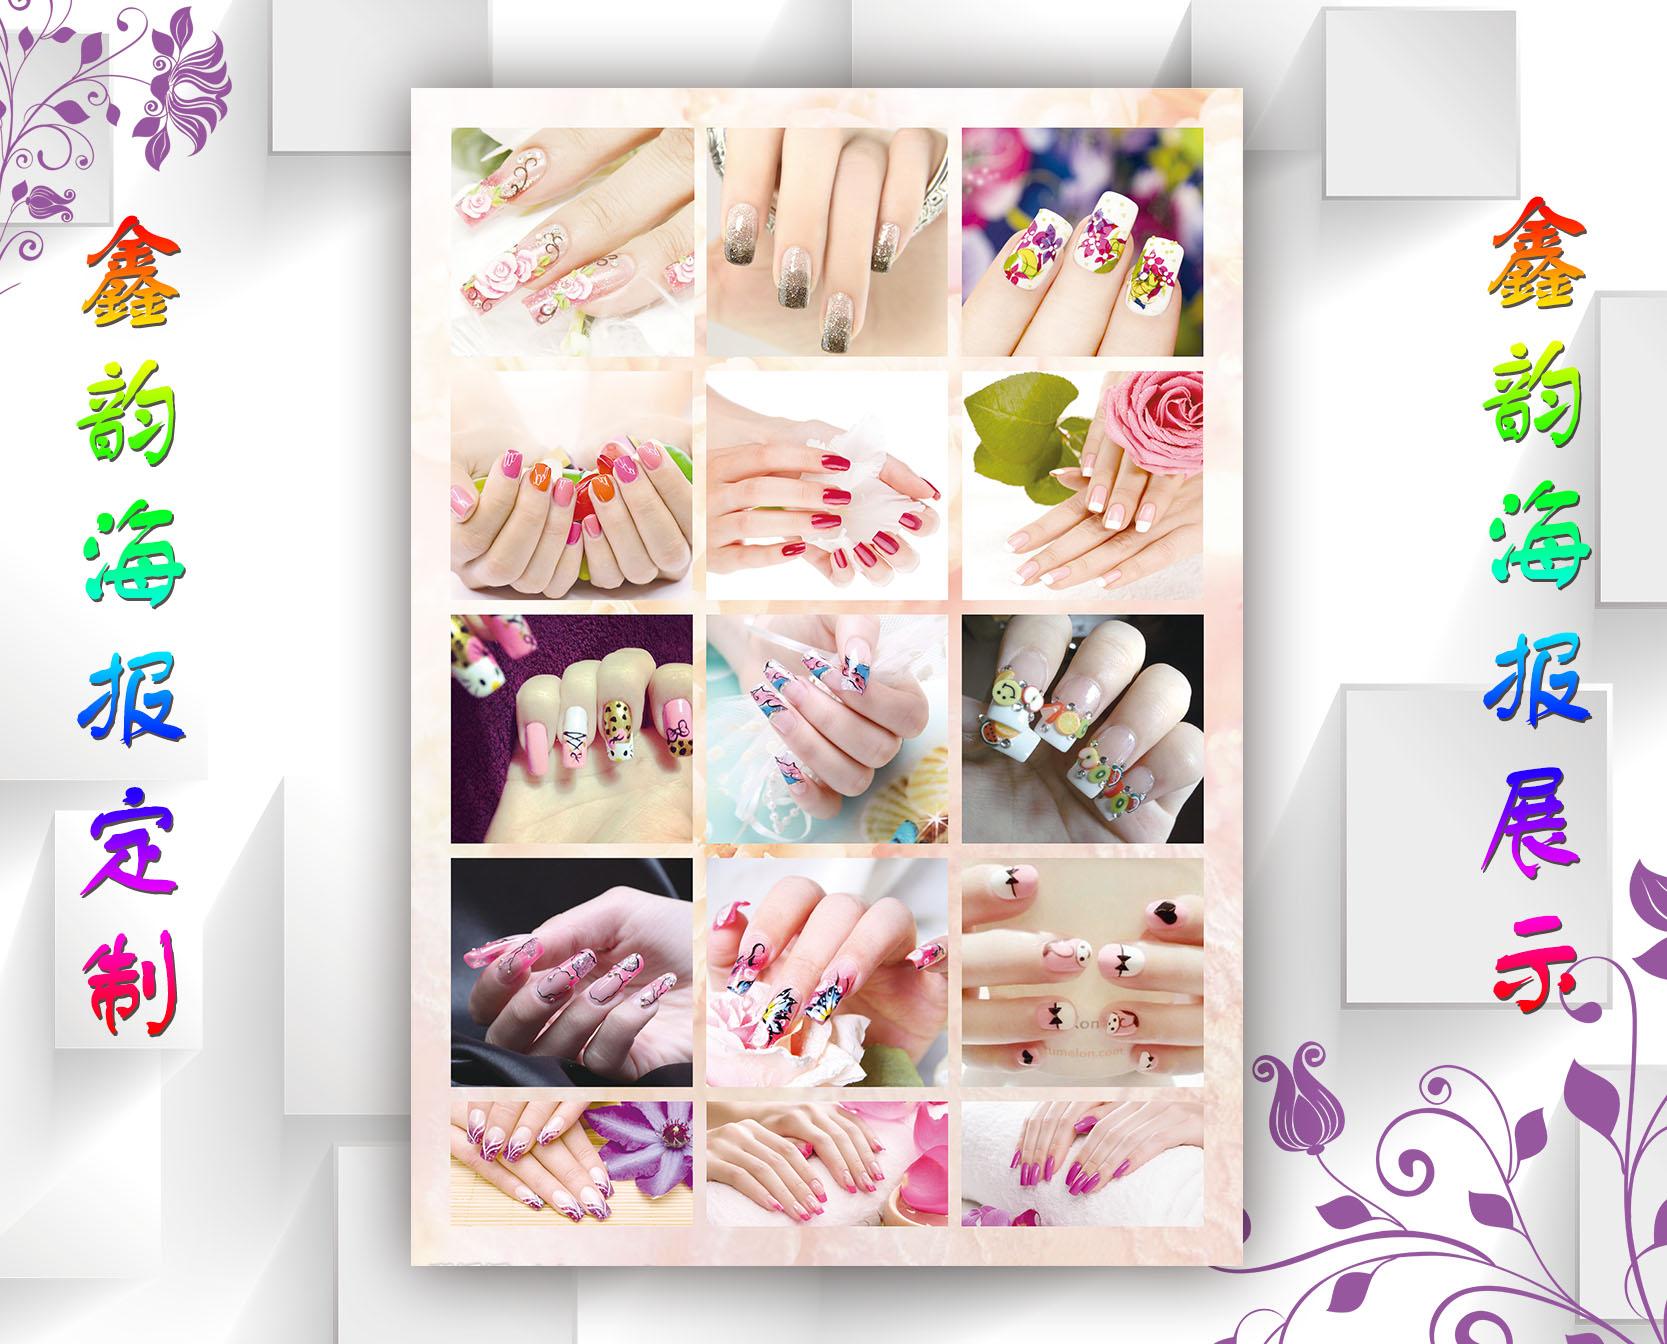 定制店海报美图片v海报贴画指甲彩妆广告宣传挂图价格表37图美甲